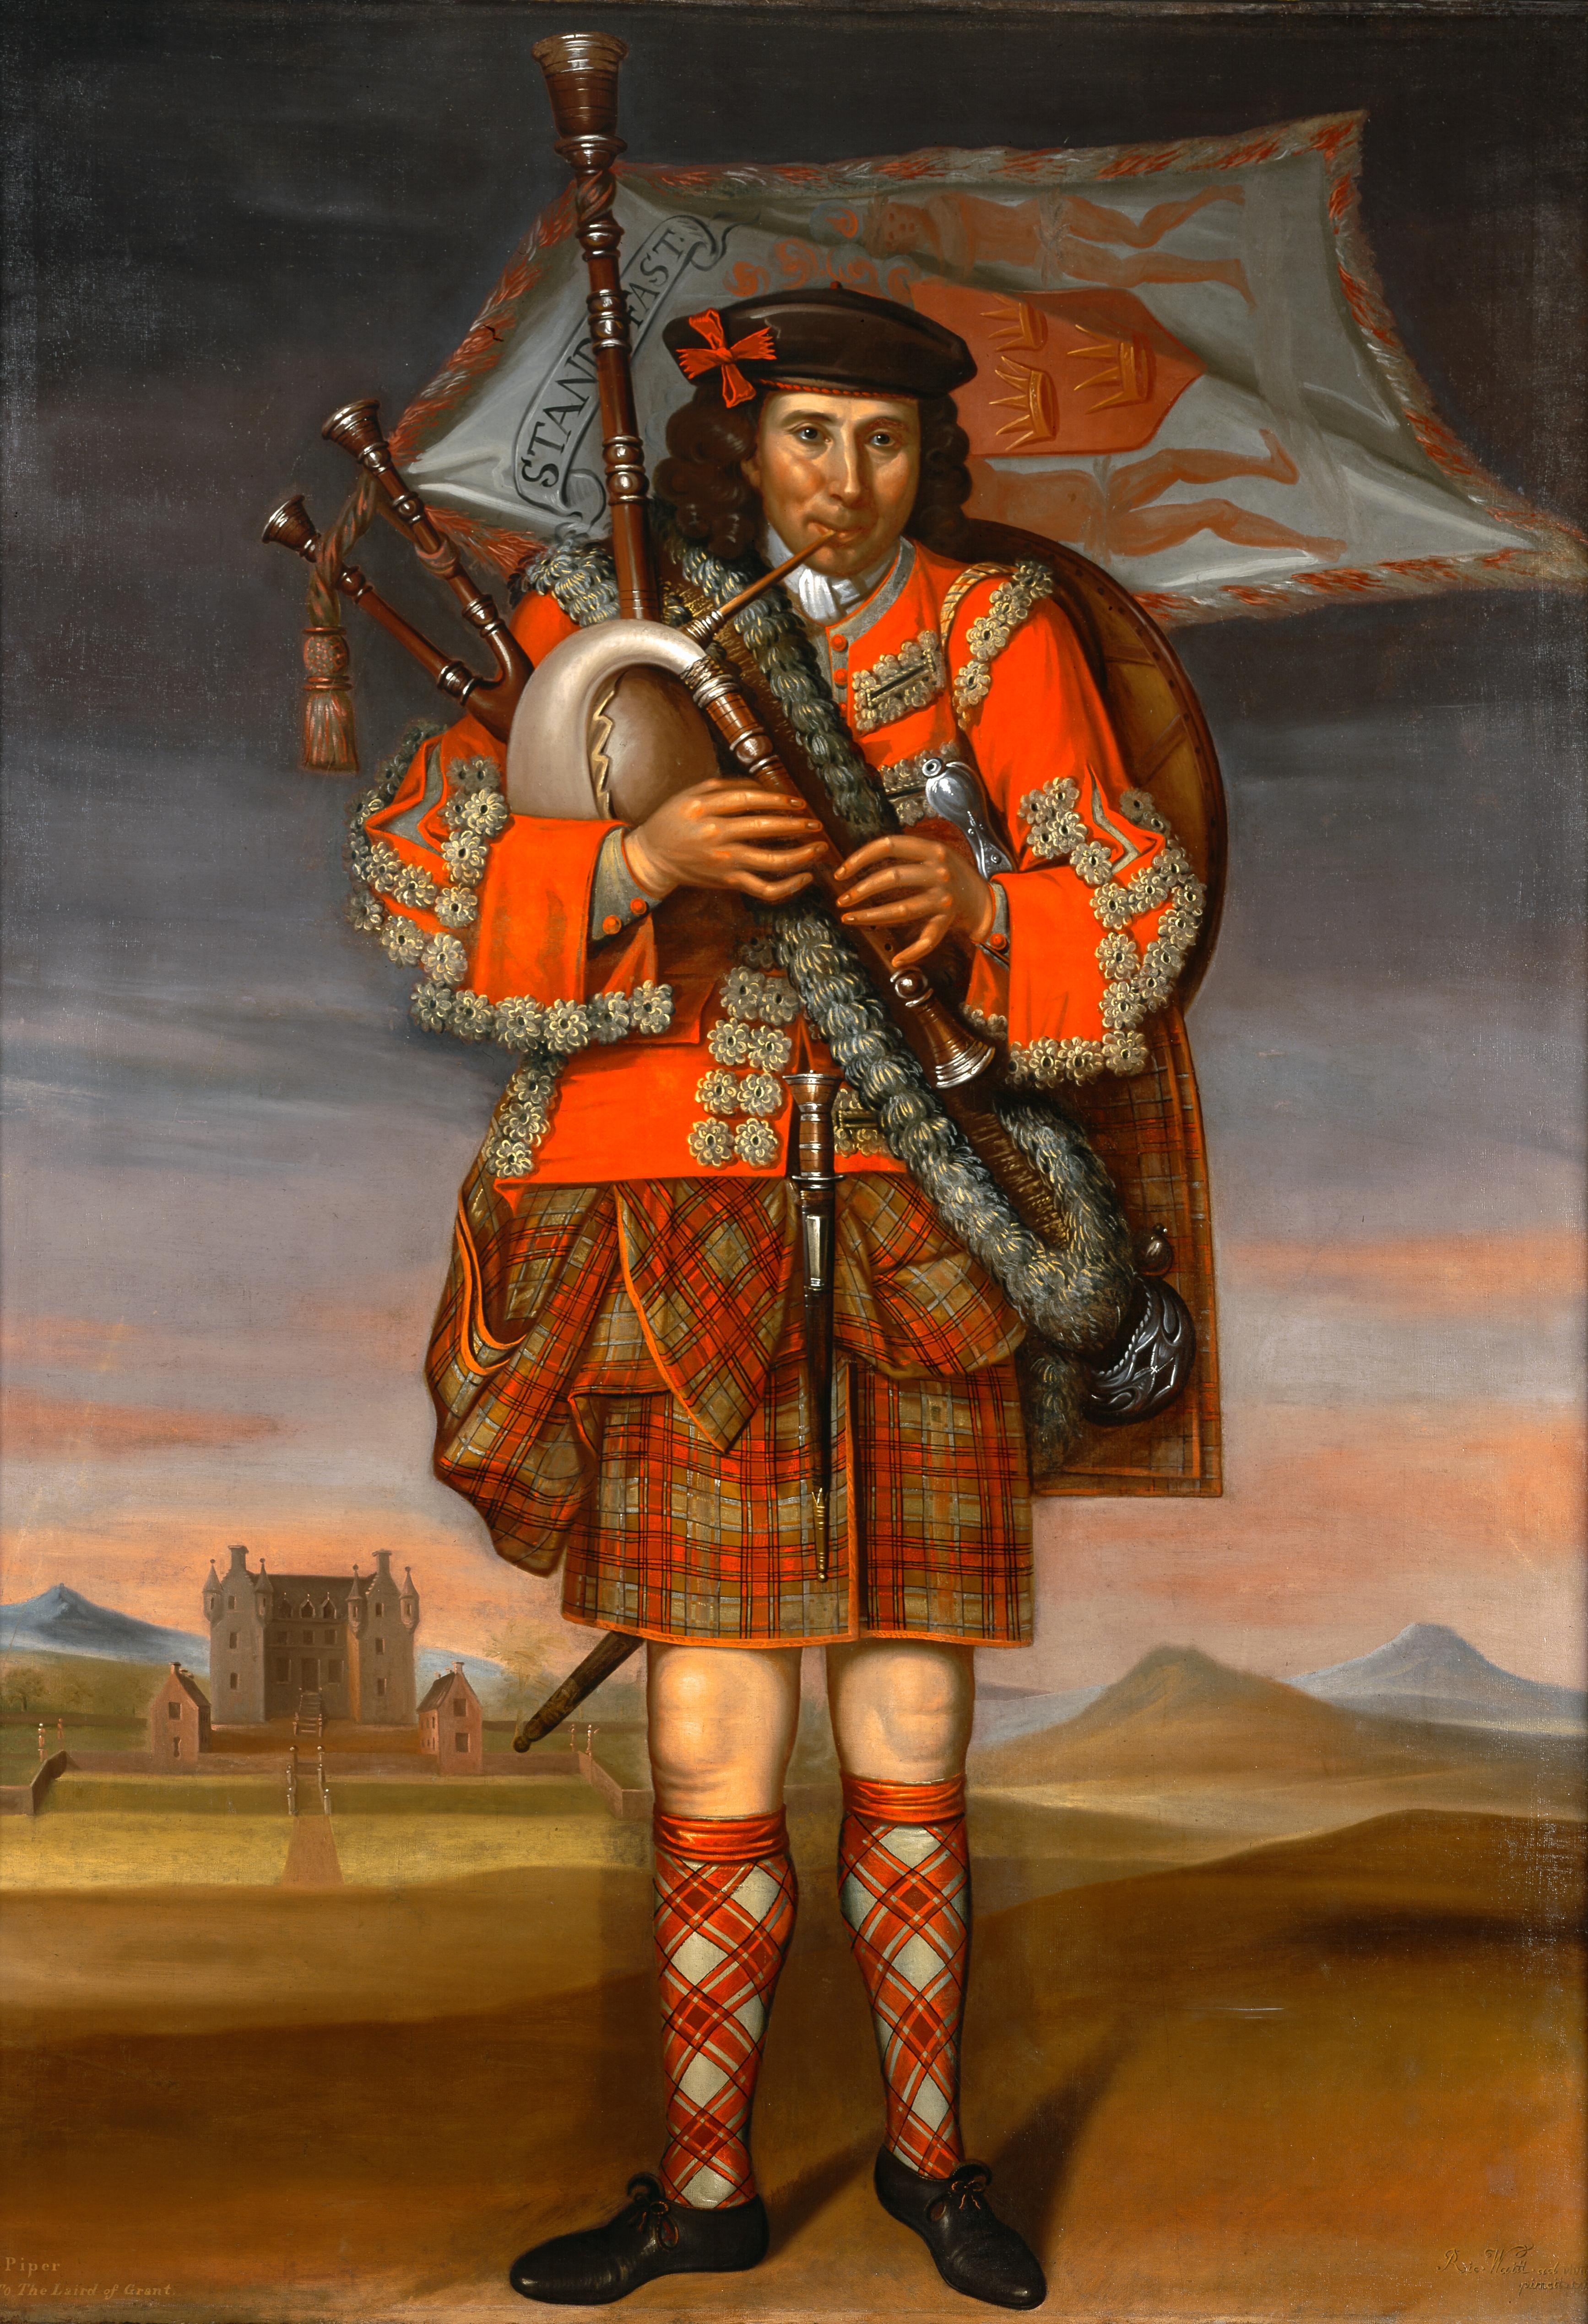 картинки шотландцев художниками шотландии авроры